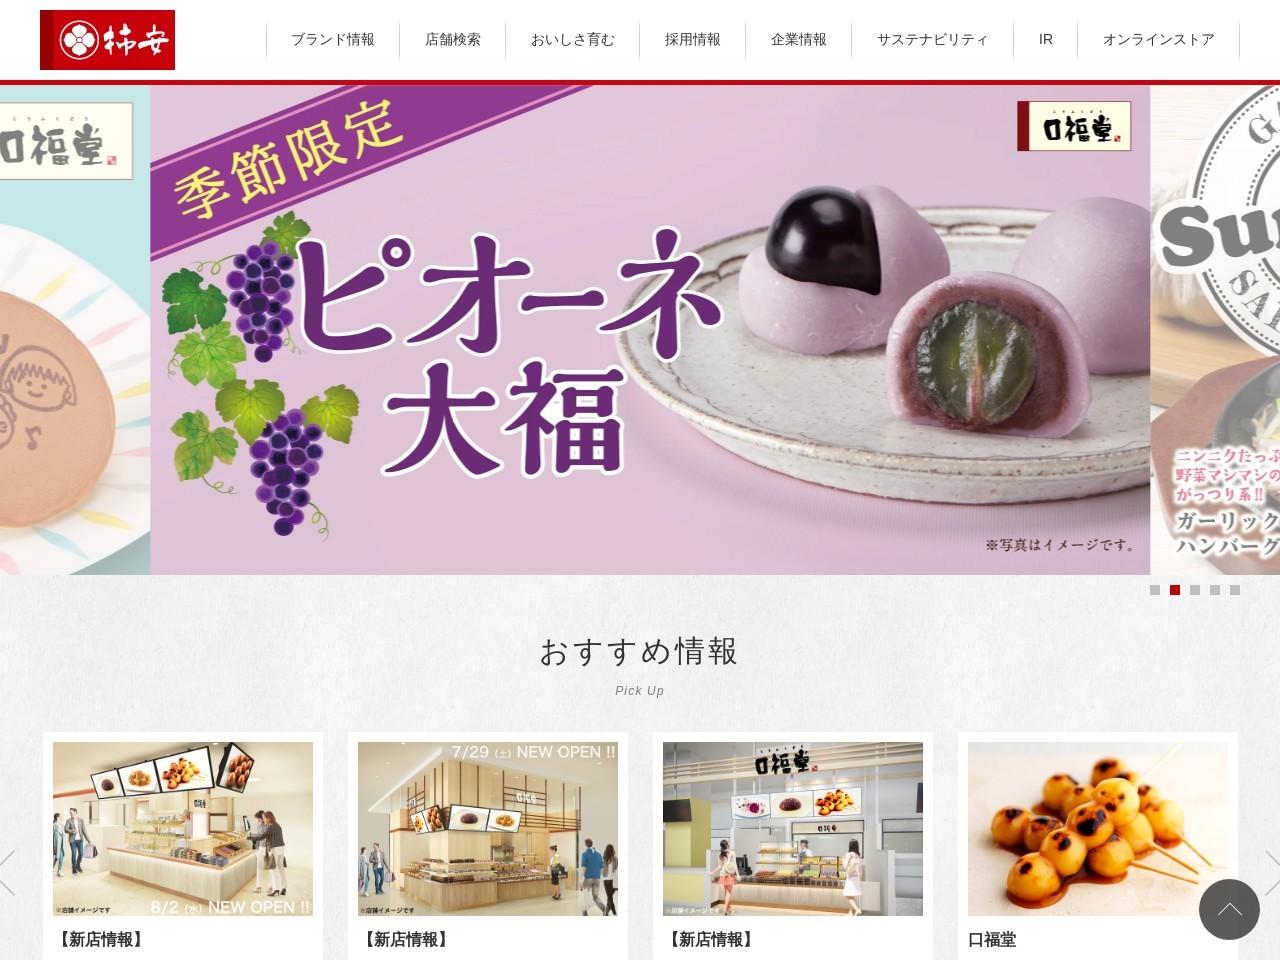 近鉄パッセ/パッセB1F新鮮市場/柿安口福堂